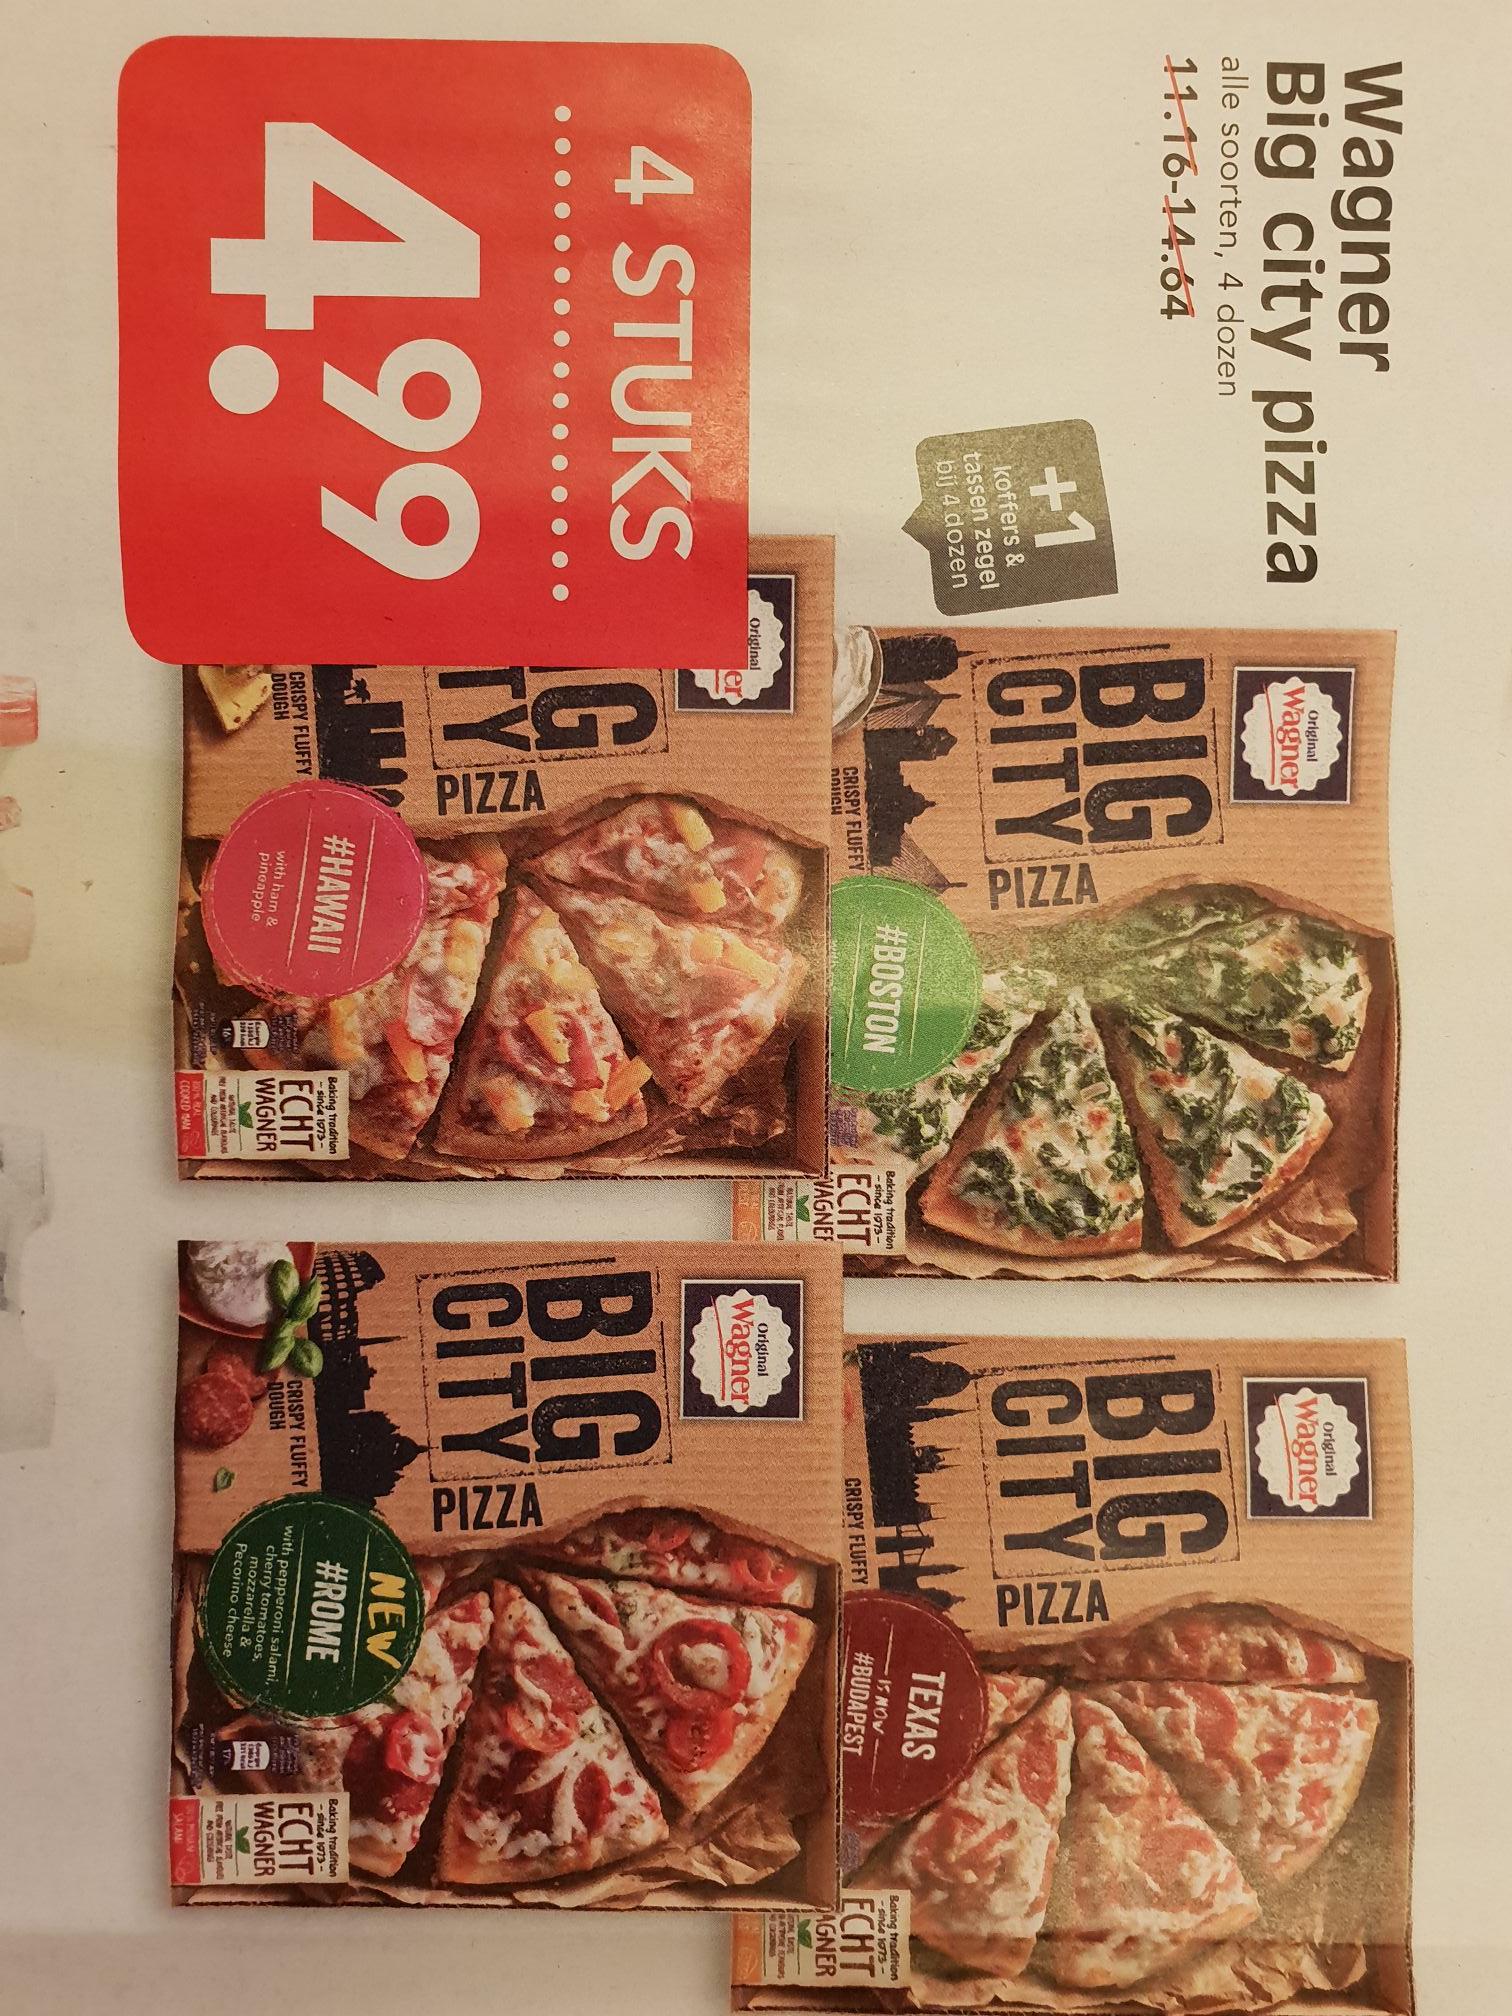 Wagner Big City Pizza, 4 stuks voor €4.99. EMTE